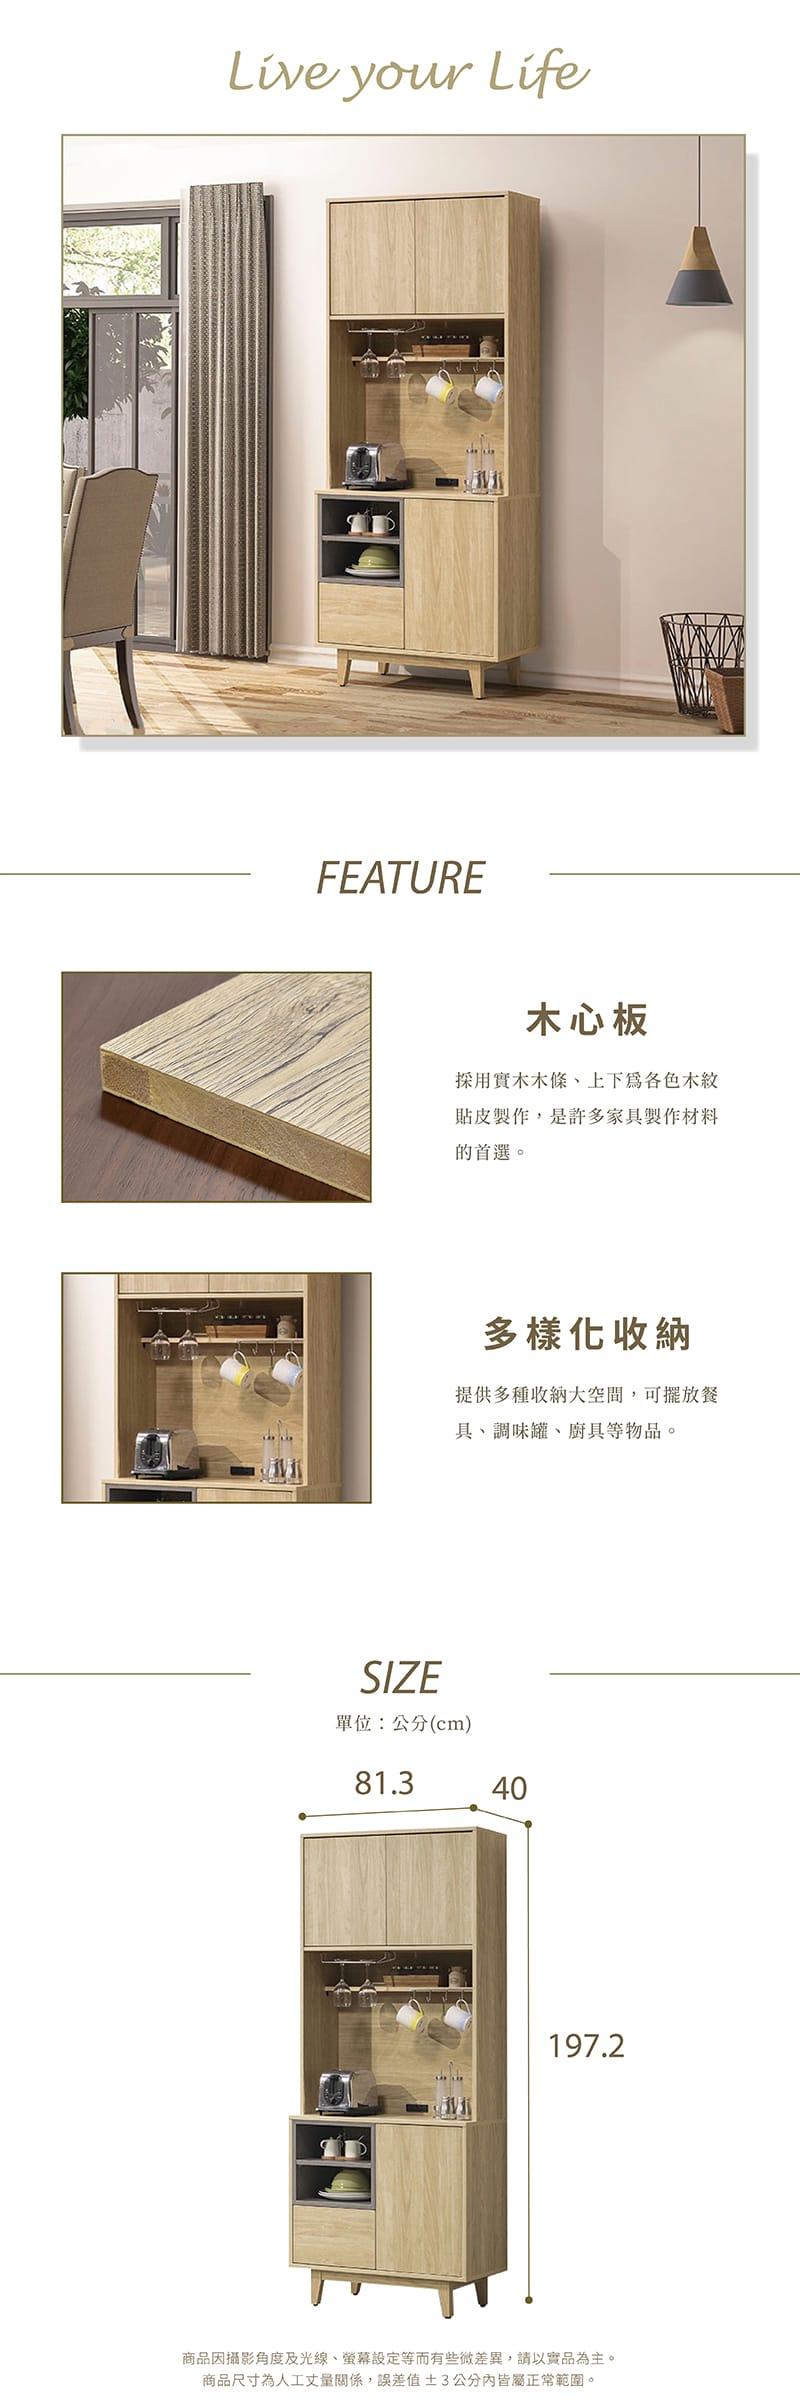 沐夏 北歐風廚櫃組寬82cm